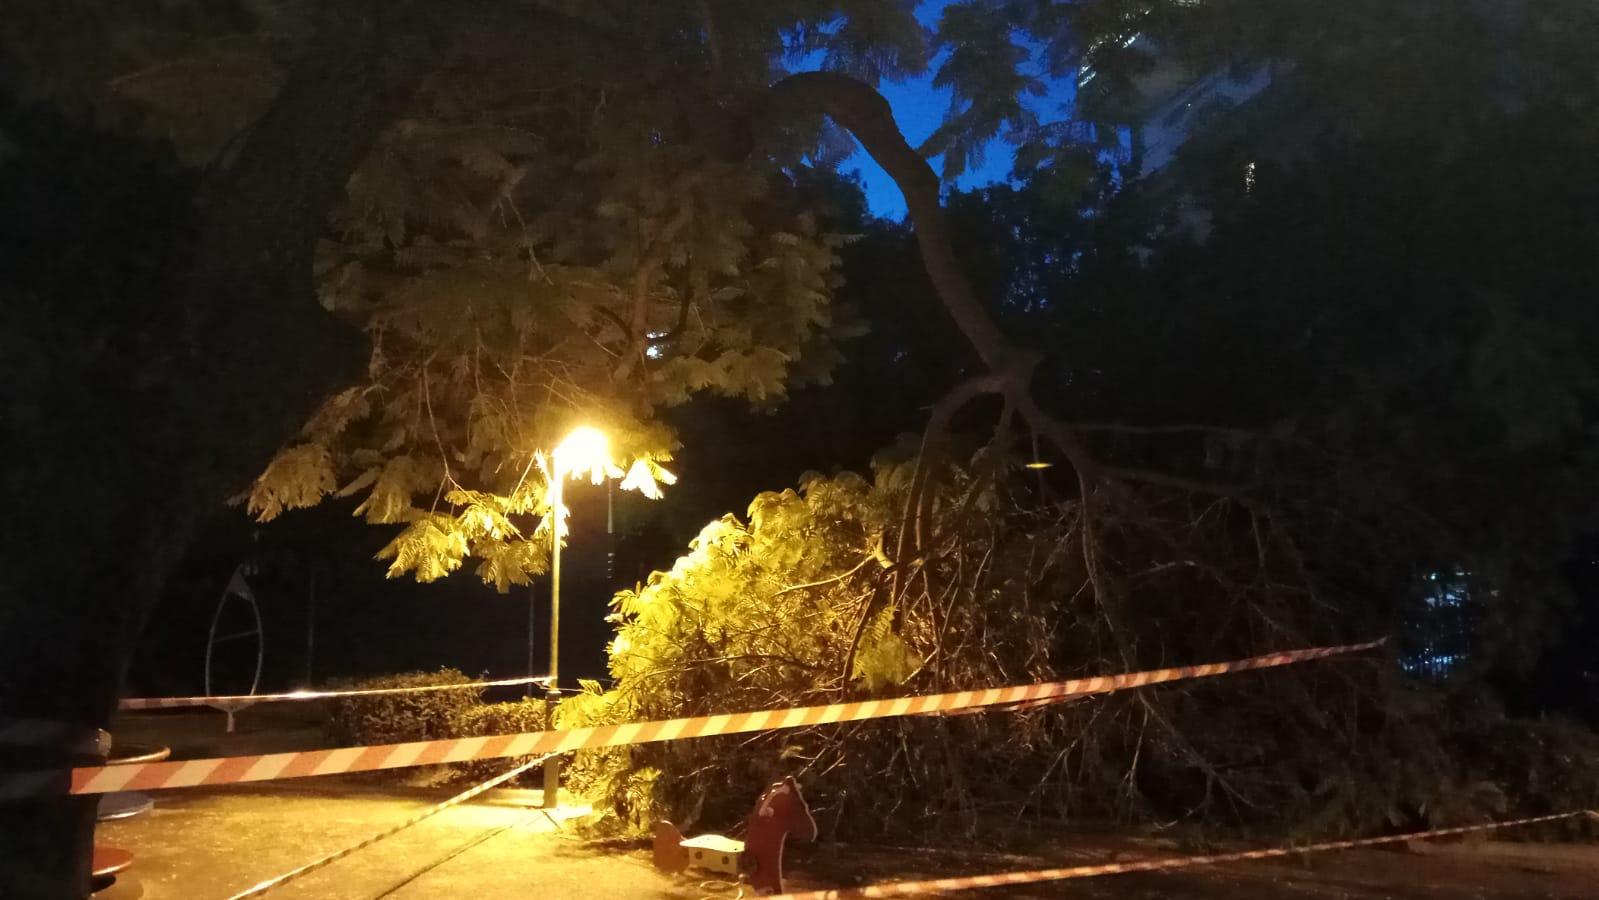 """כמעט אסון: עץ קרס בגן שעשועים הומה בילדים ברחוב שפירא בפ""""ת"""